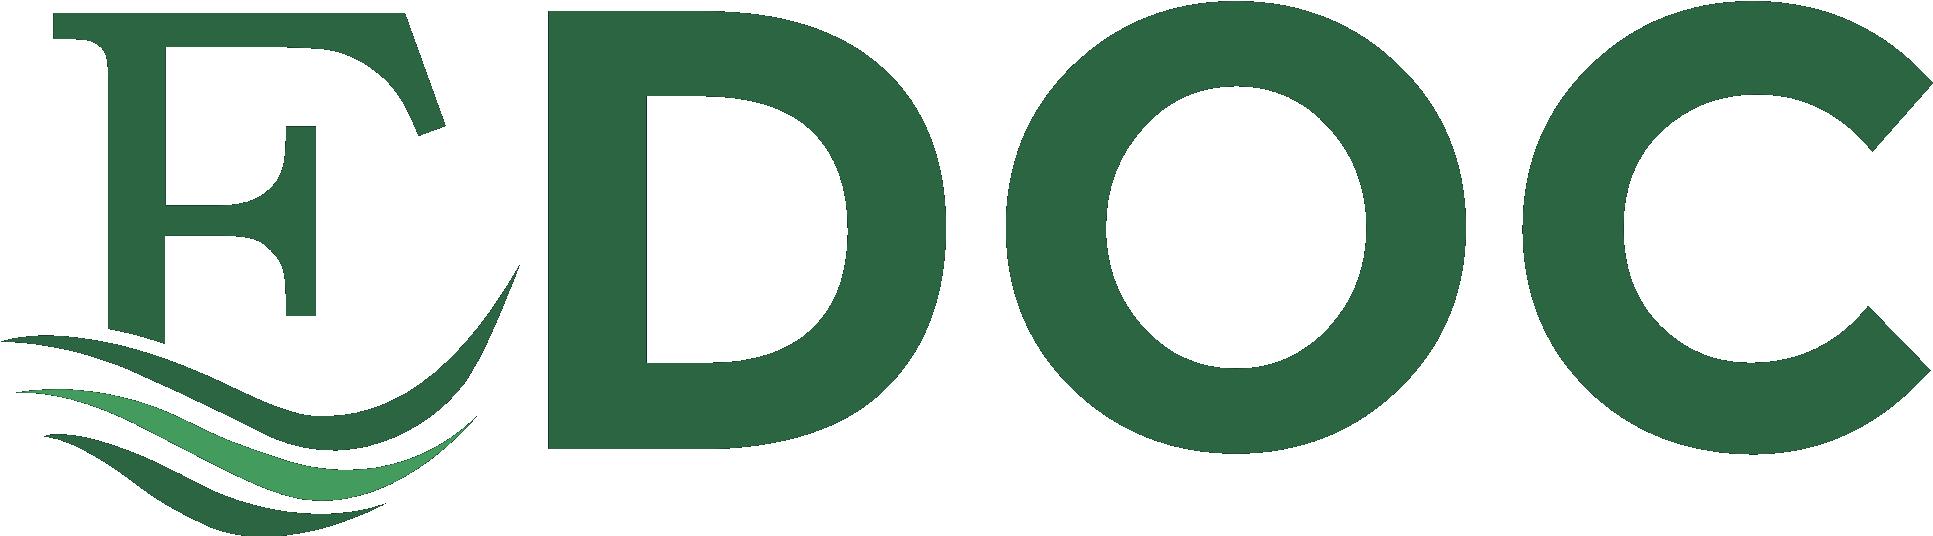 A szarvas levágta a szarvakat, és gyógyító gyógyszereket készít - Készítmények September